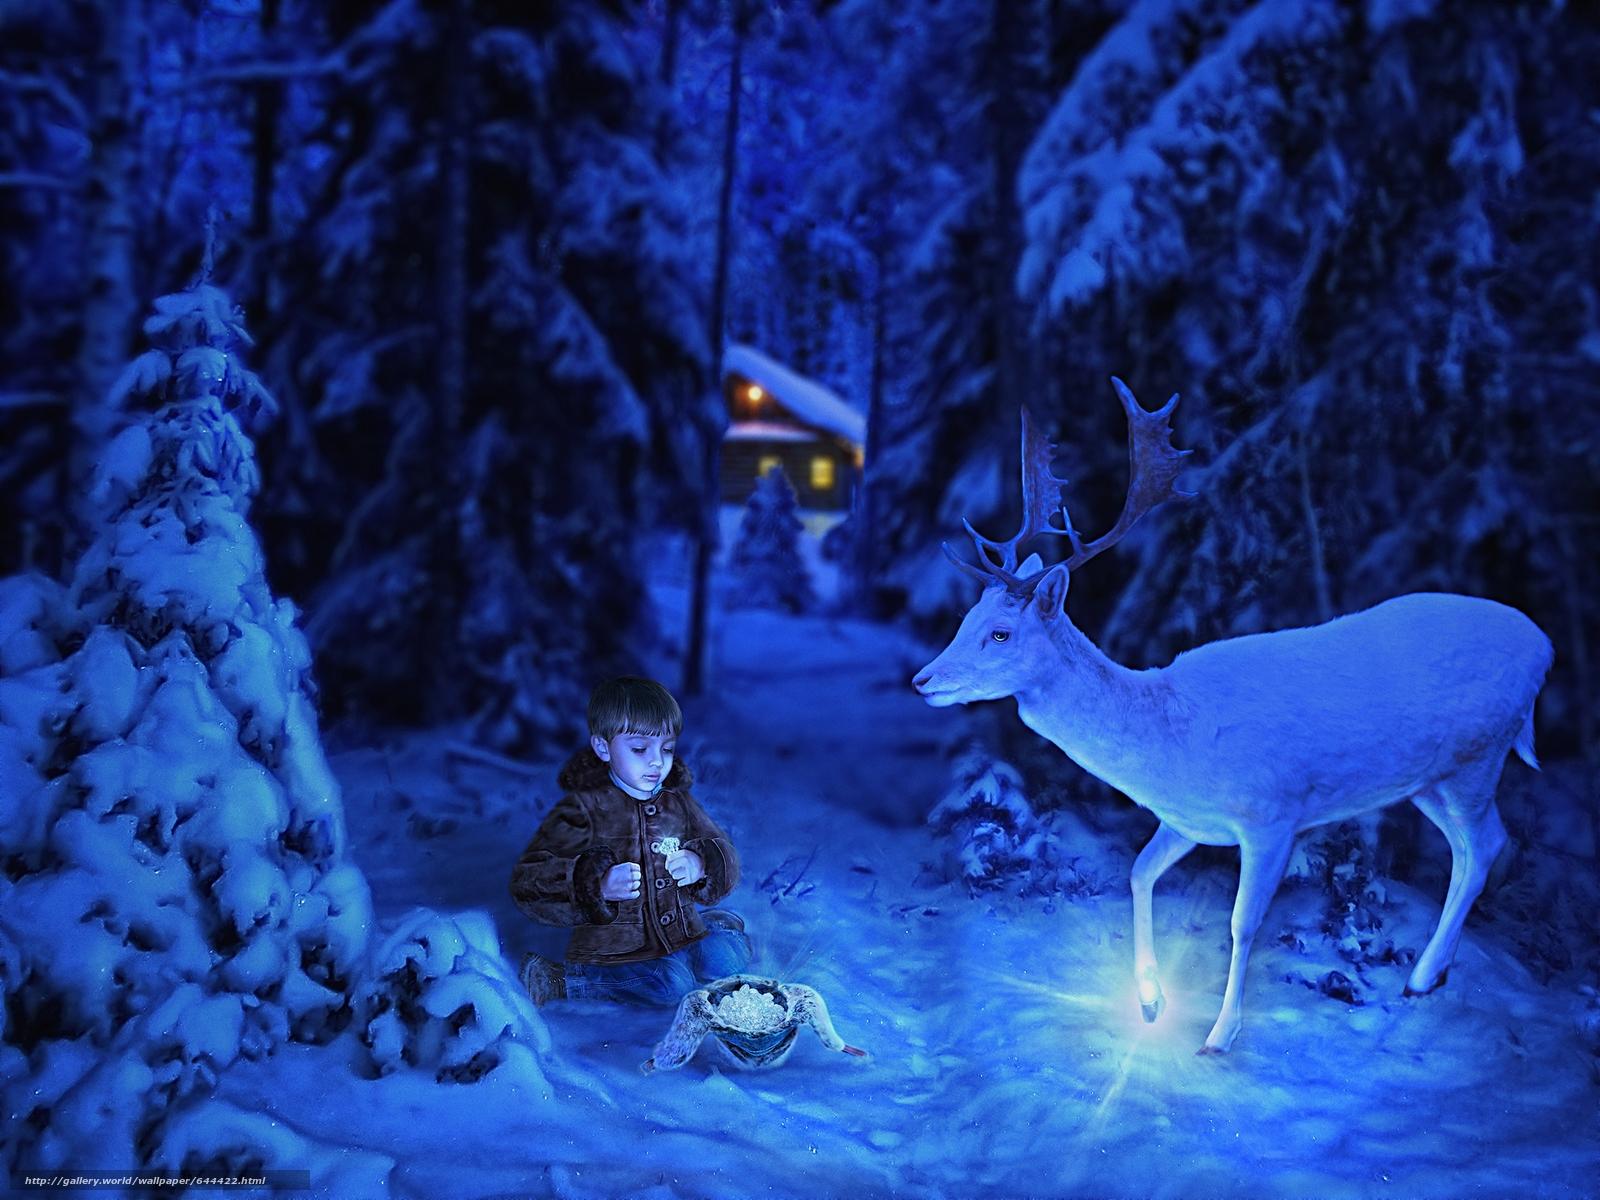 Скачать обои серебряное копытце,  мальчик,  олень,  лес бесплатно для рабочего стола в разрешении 2750x2063 — картинка №644422